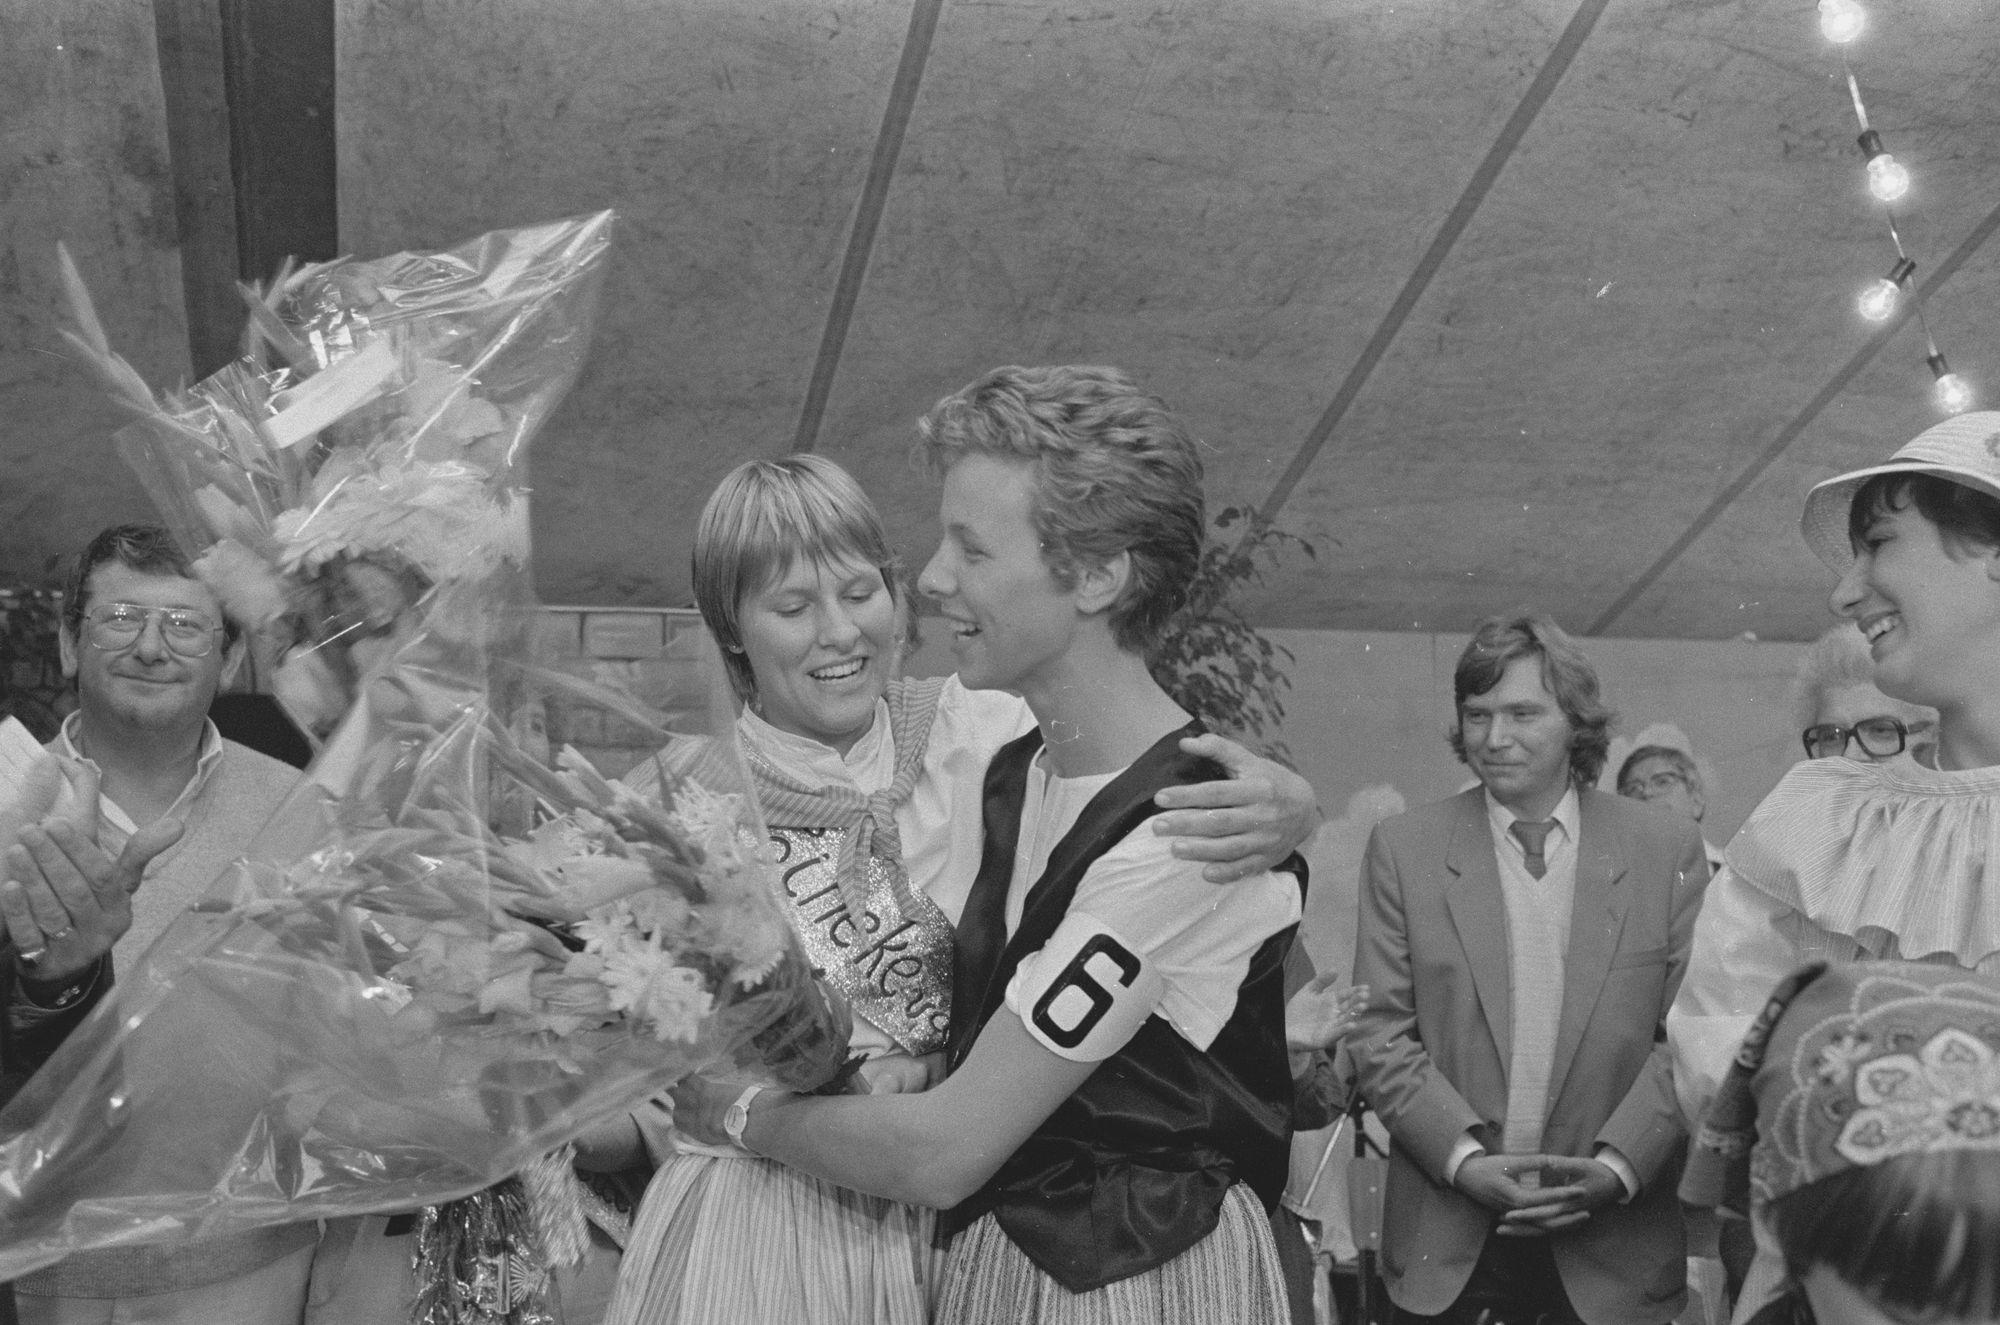 Tineke van Heule 1982 en een eredame 1983